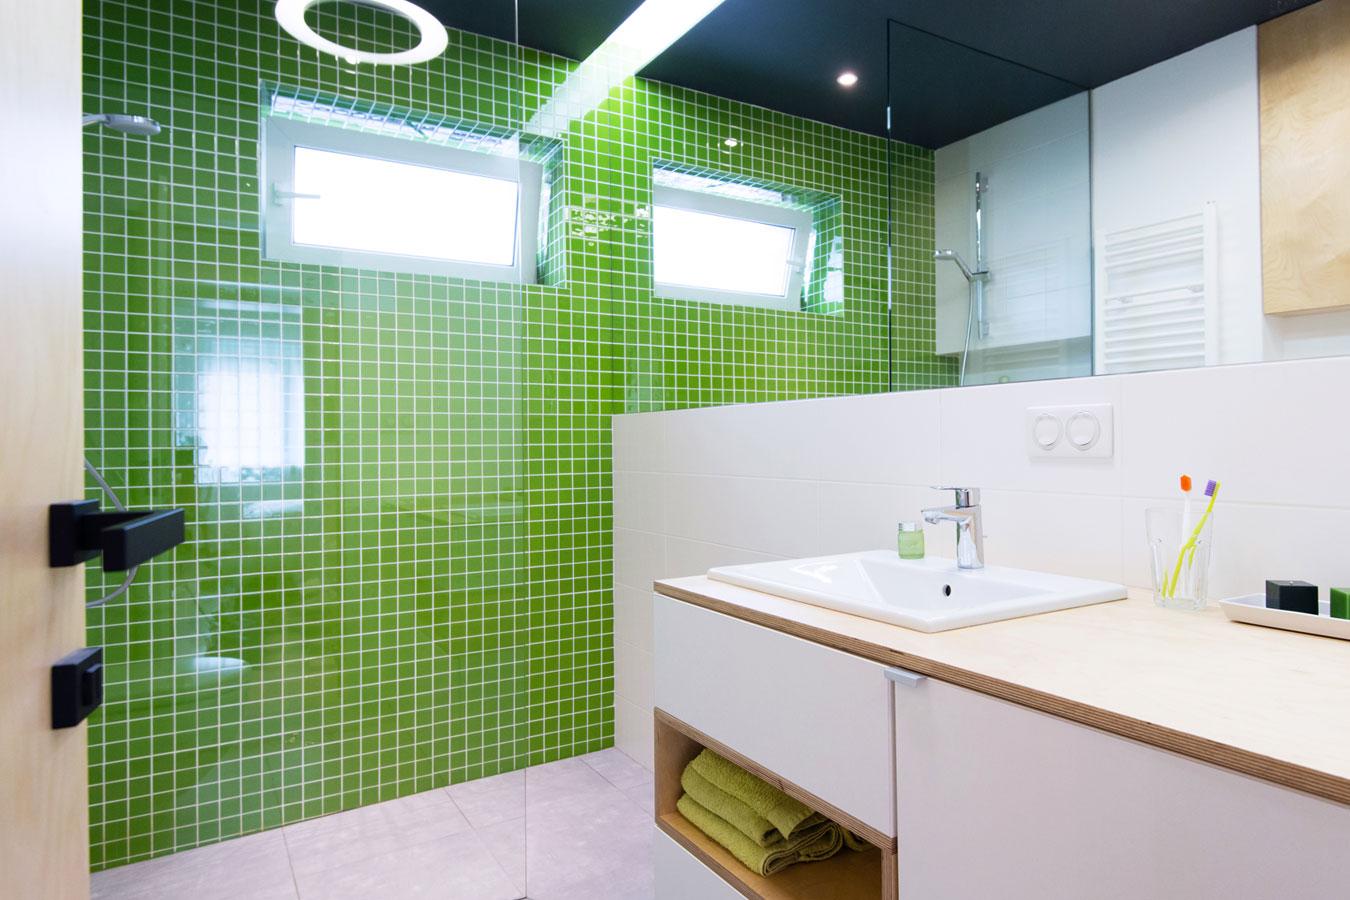 Trendy Kleuren Badkamer : Mozaïek tegels in de badkamer materialen inspiratie